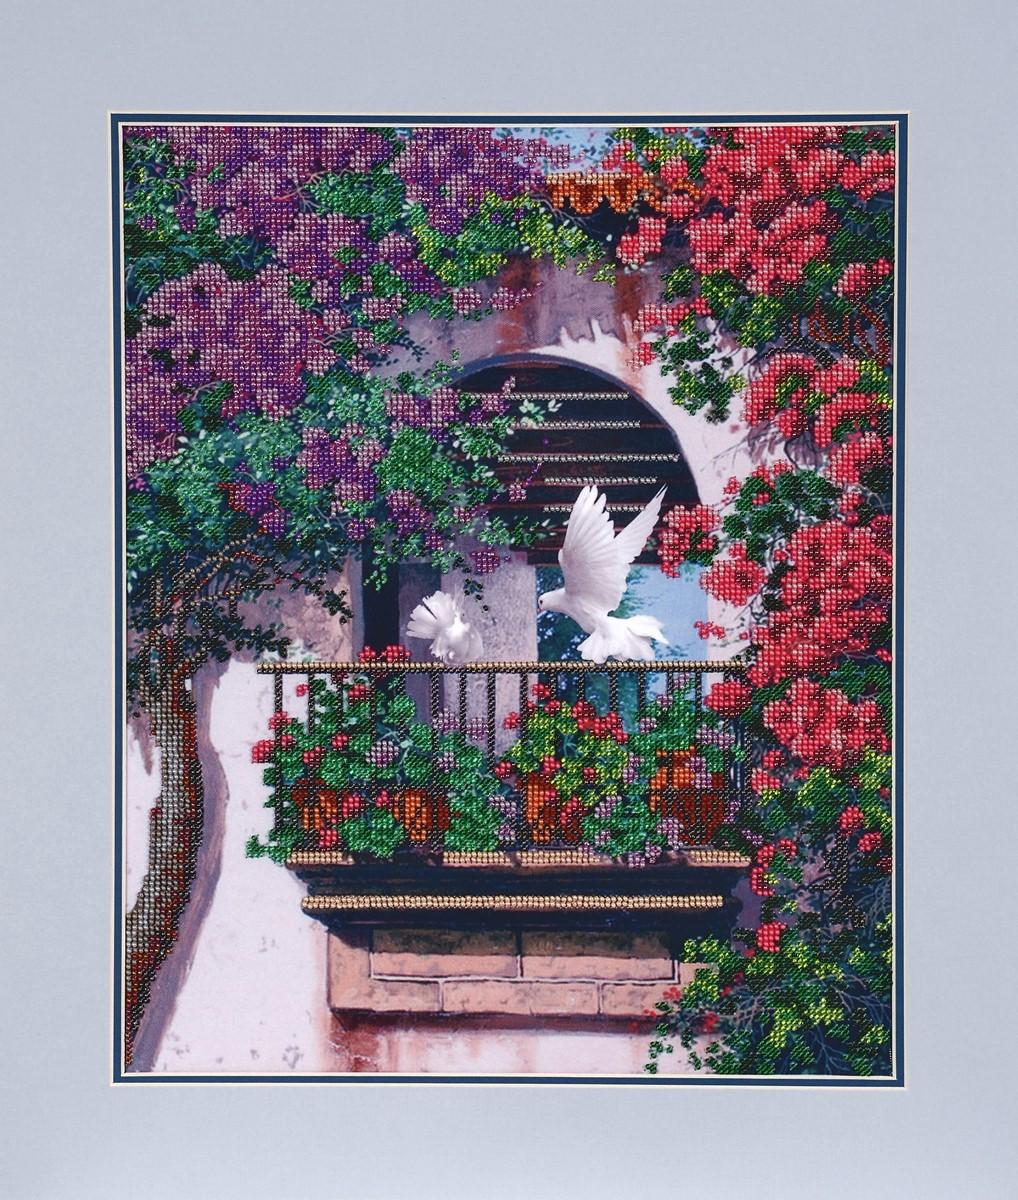 Набор для вышивания бисером Hobby&Pro Балкончик, 30 x 37 см486927Набор для вышивания бисером Hobby&Pro Балкончик поможет вам создать свой личный шедевр - красивую картину, частично вышитую бисером по цветному фону. Работа, выполненная своими руками, станет отличным подарком для друзей и близких! Набор содержит: - ткань с нанесенным цветным рисунком (размер ткани 41,5 х 52 см), - бисер Preciosa Ornela (Чехия) - 17 цветов, - игла для бисера, - инструкция на русском языке. УВАЖАЕМЫЕ КЛИЕНТЫ! Обращаем ваше внимание, на тот факт, что рамка в комплект не входит, а служит для визуального восприятия товара.